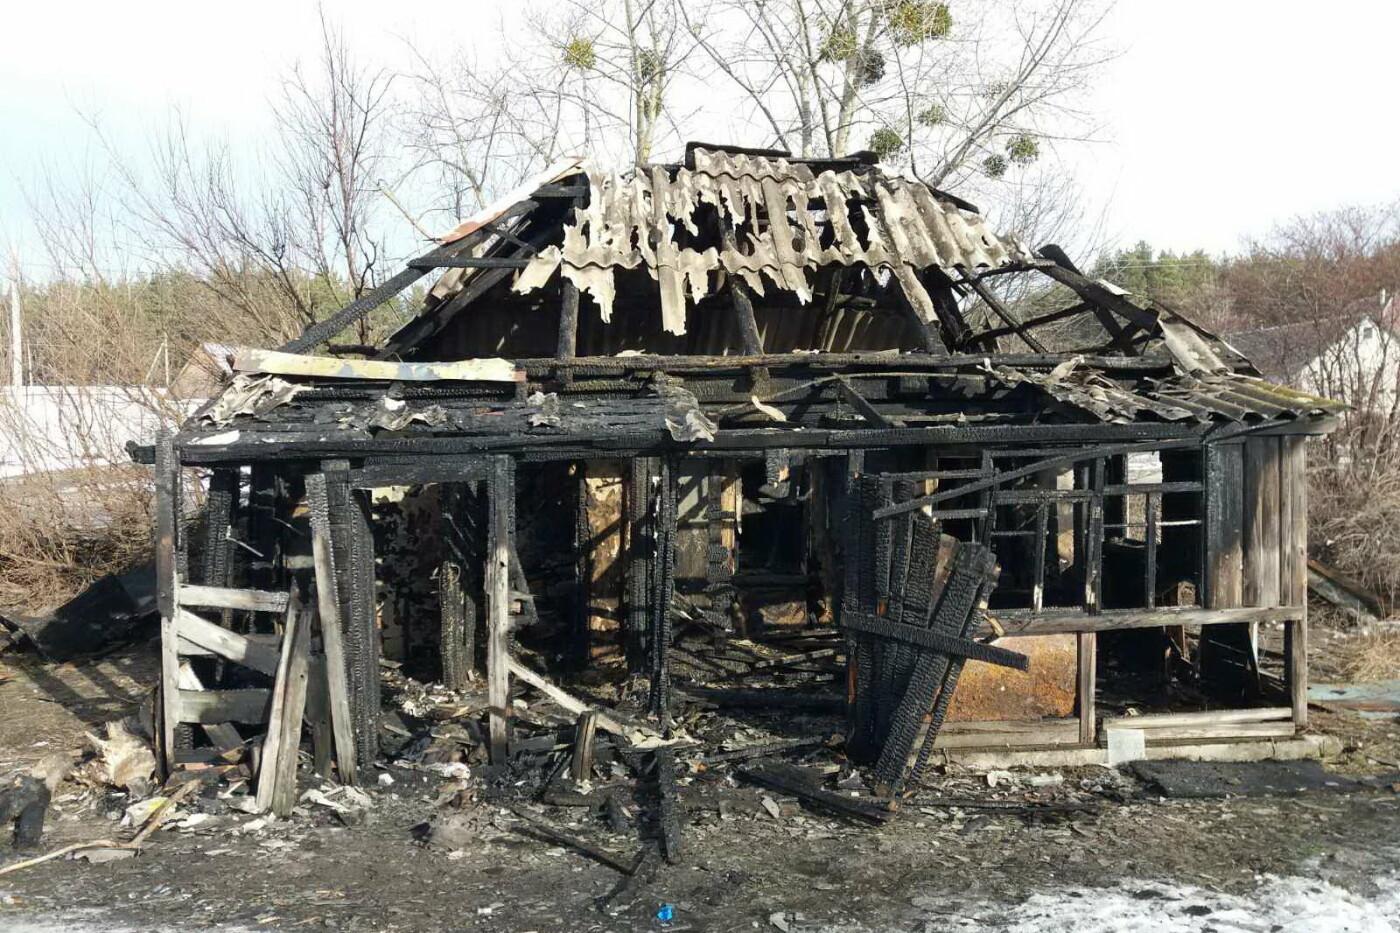 На Харьковщине загорелся дом. Внутри задымленного помещения спасатели нашли тело мужчины, - ФОТО, фото-1